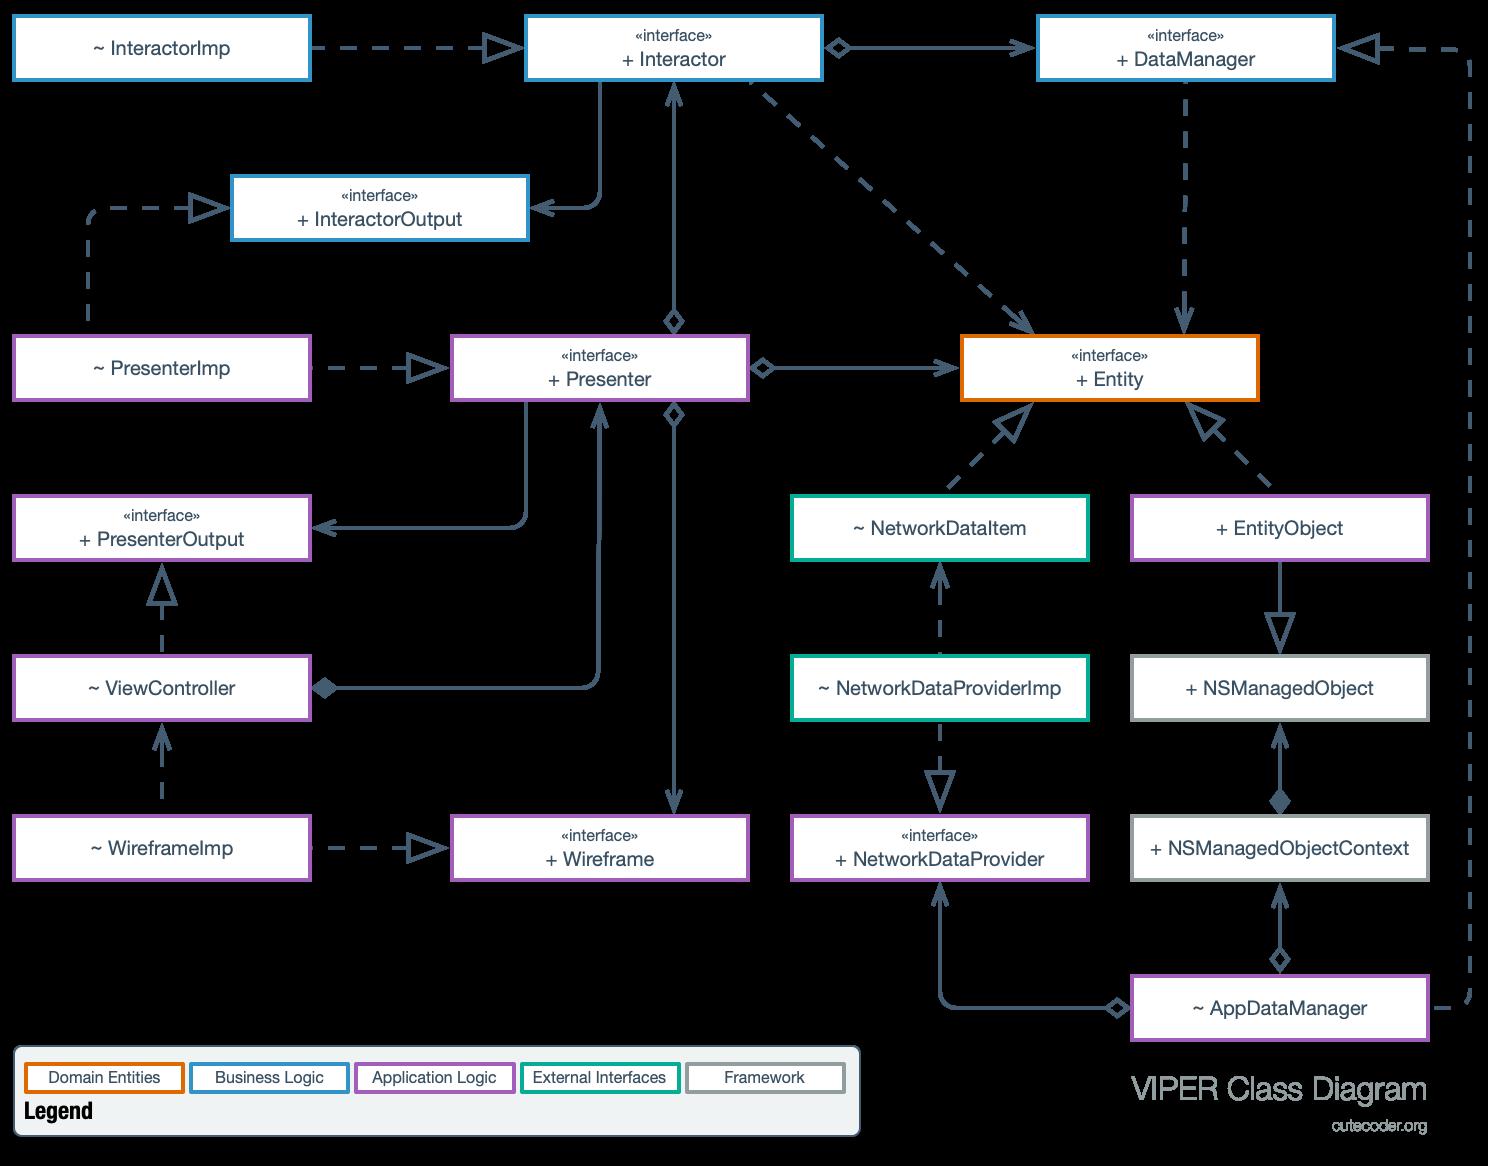 VIPER on iOS Class Diagram